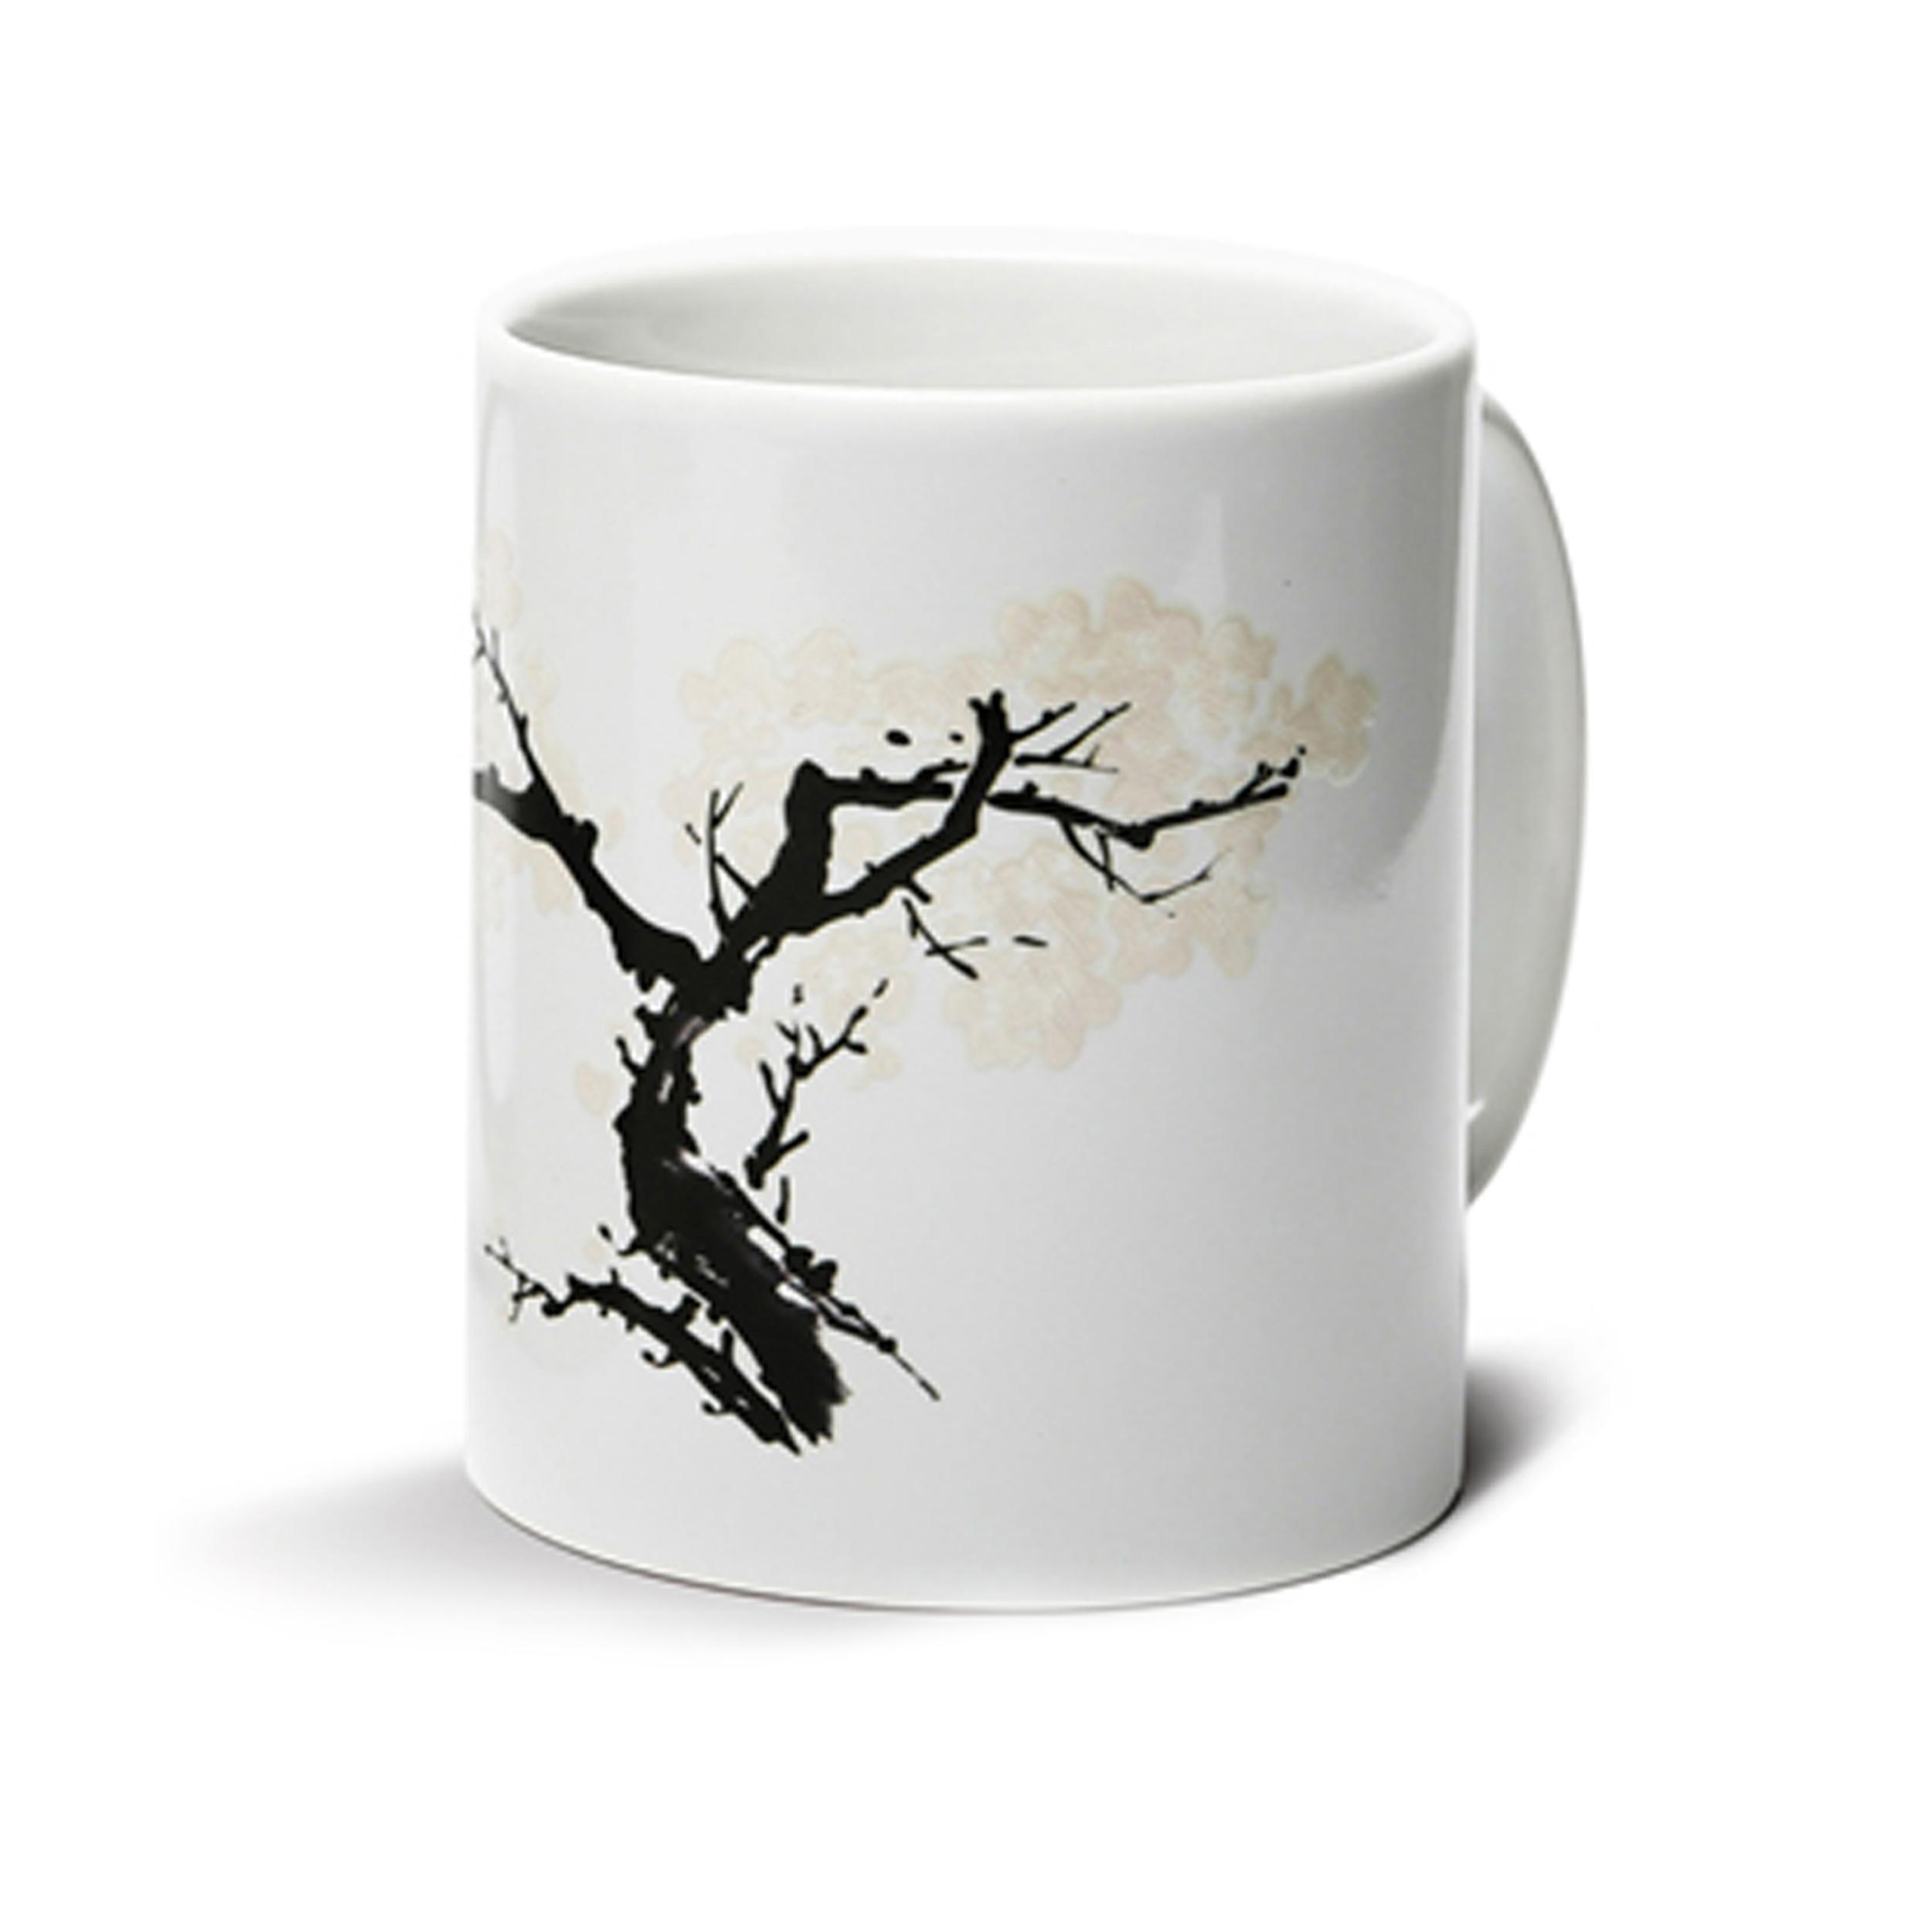 ماگ حرارتی کیکرلند مدل درخت بهاری